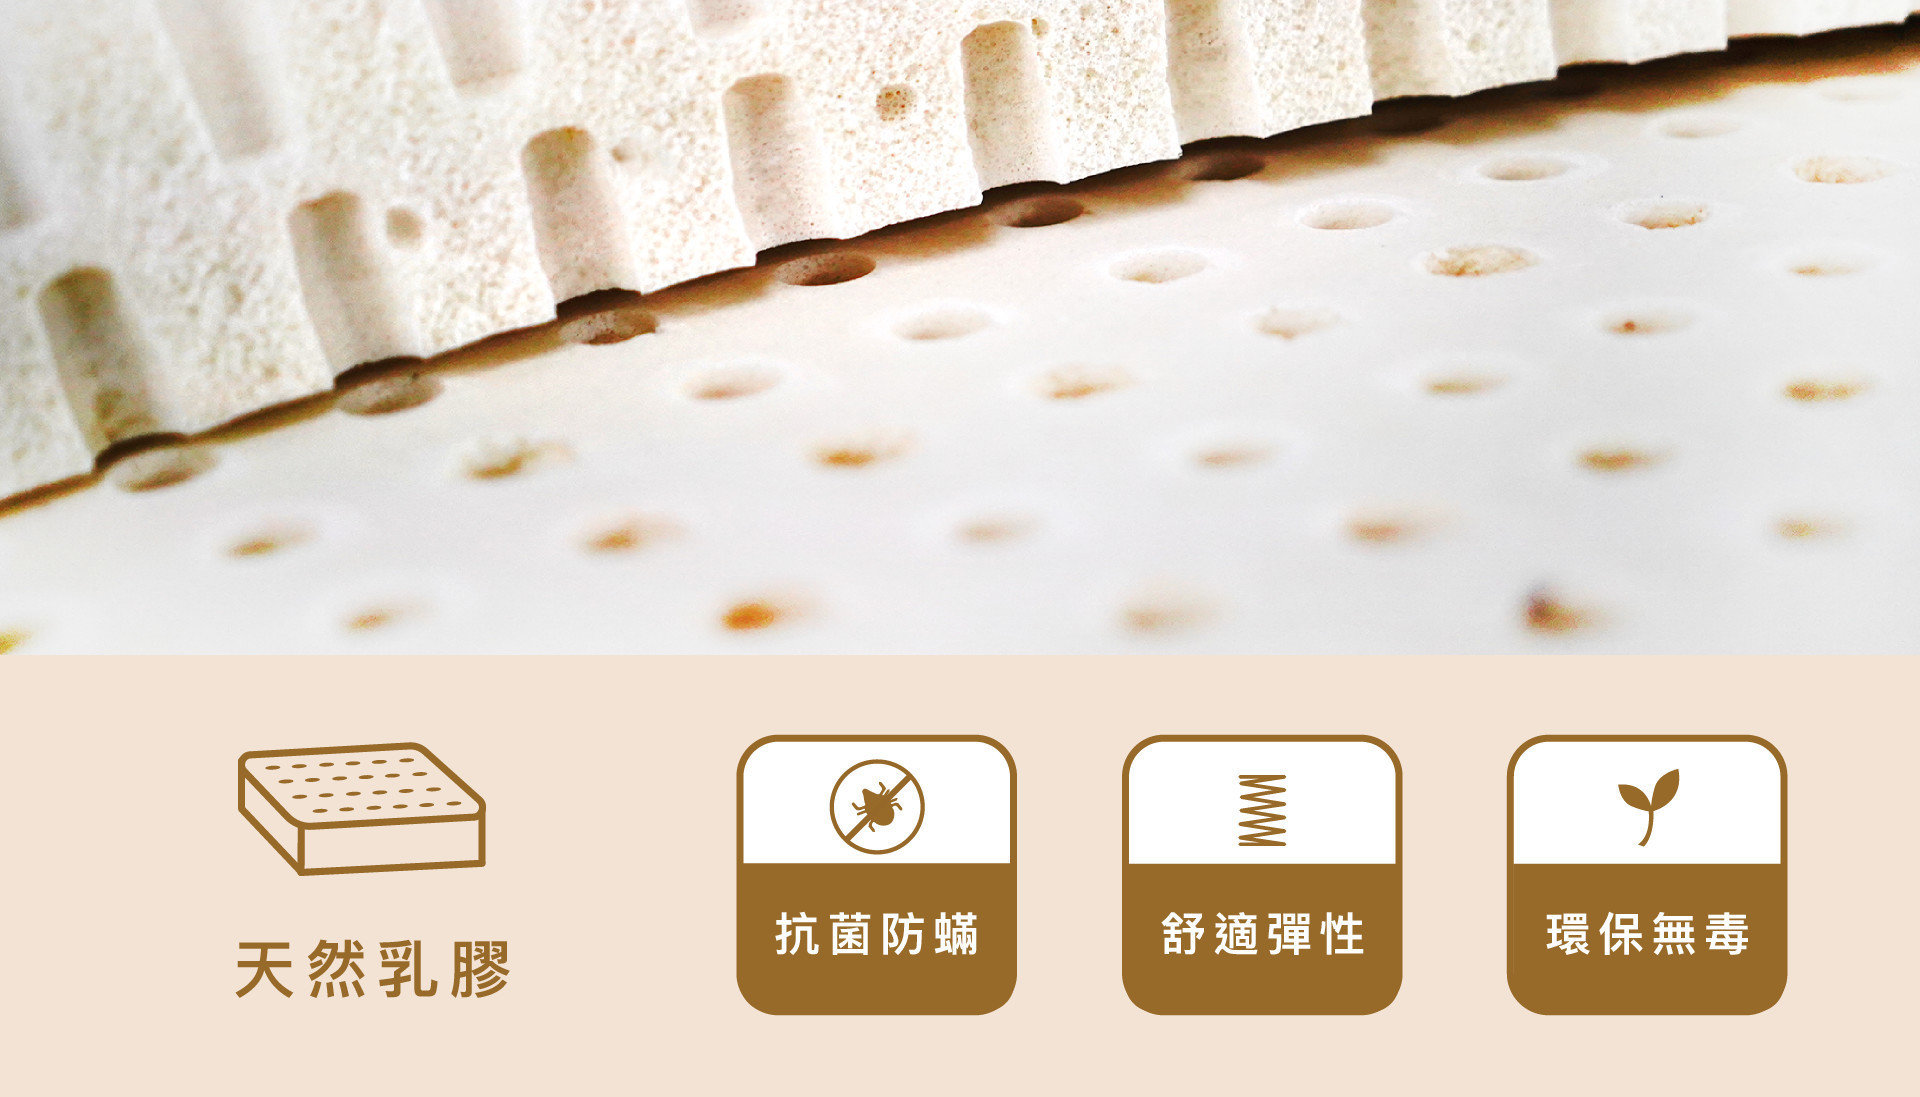 【格雷 冰晶乳膠護脊床】內材使用天然乳膠,可防蟎抗菌,杜絕過敏原!且可大幅提升舒適性,給您滿滿包覆性與彈性,並且是環保無毒,給您安心的睡感體驗。